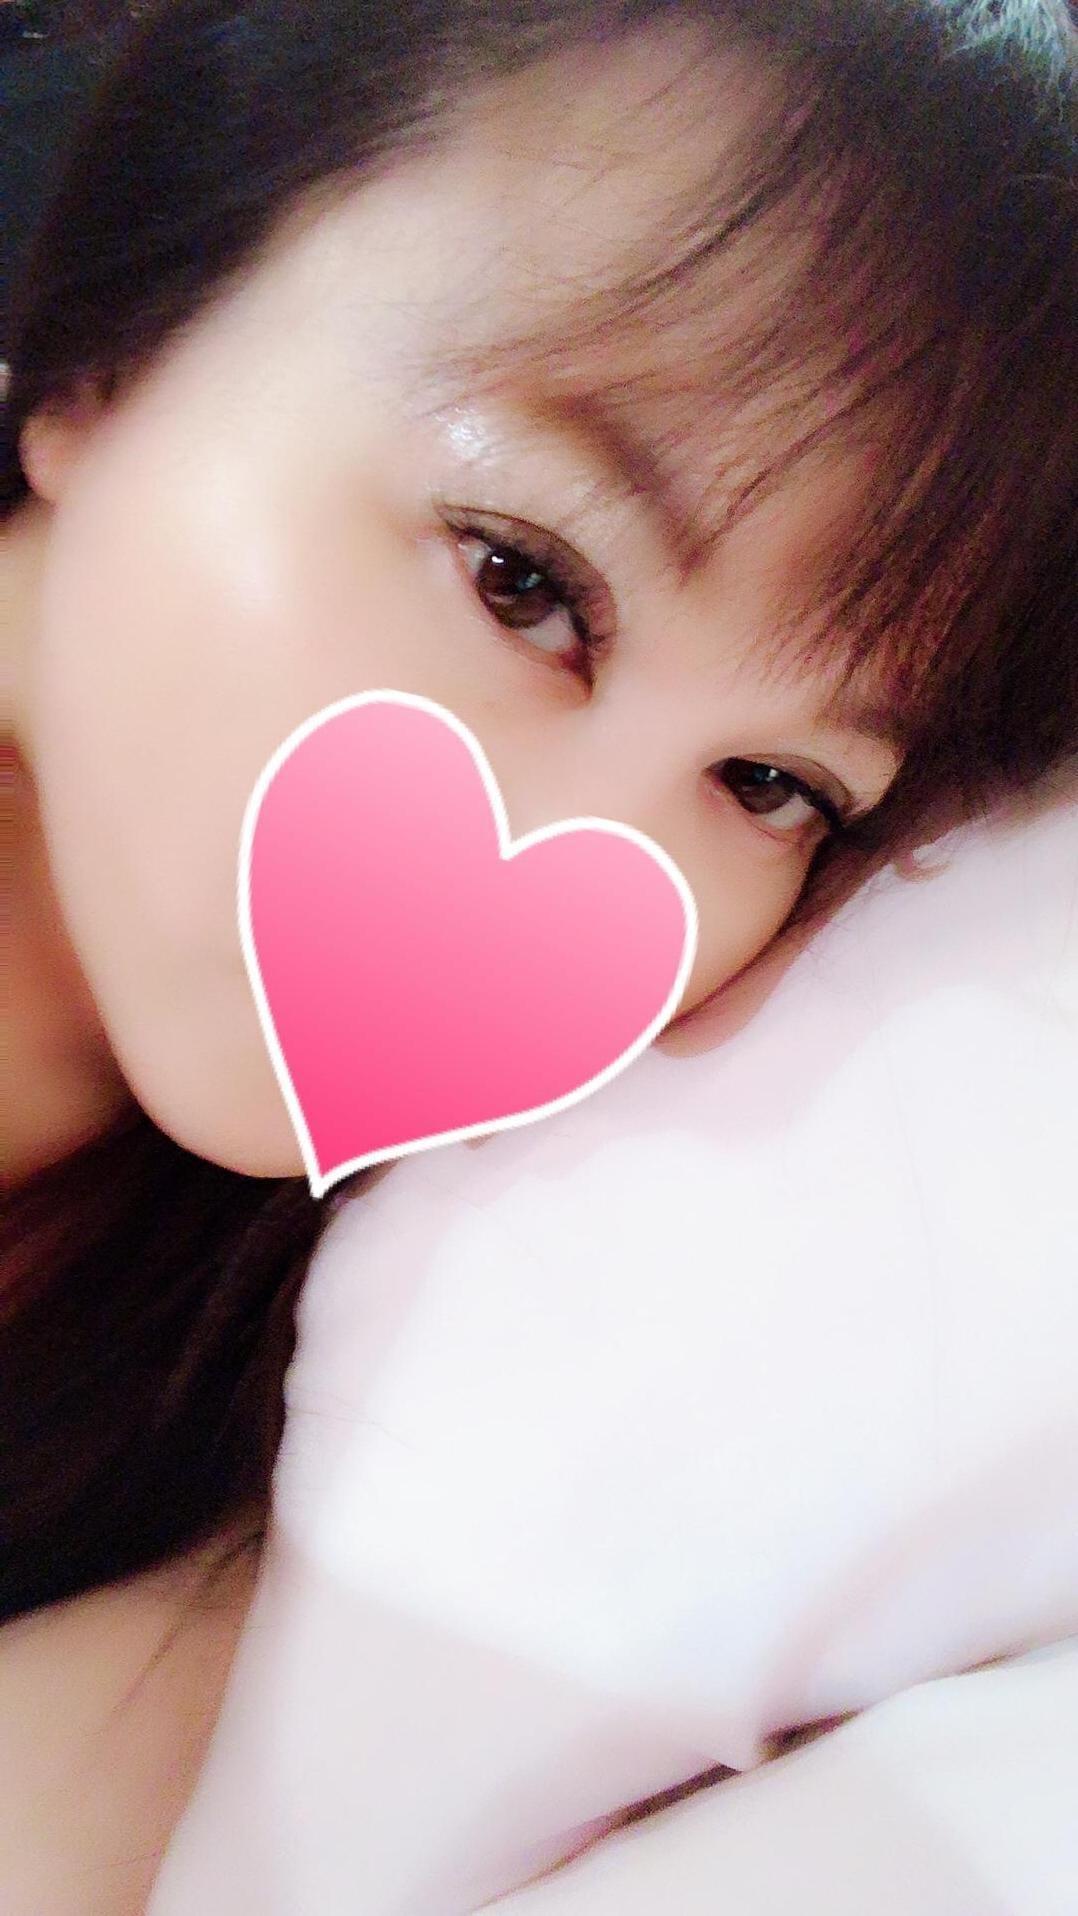 「昨日は」12/26(水) 14:23   れなの写メ・風俗動画